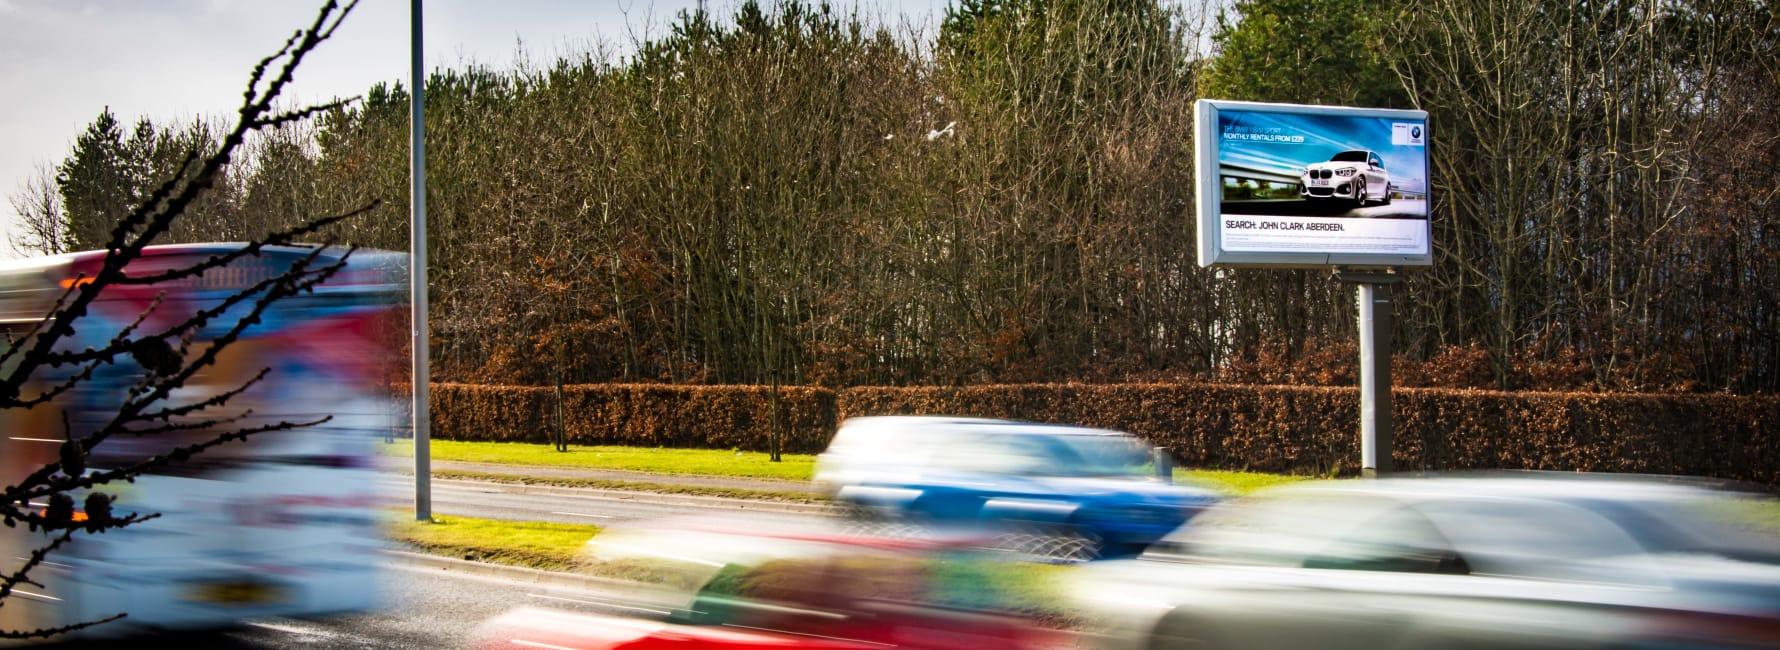 Billboard Site in Aberdeen